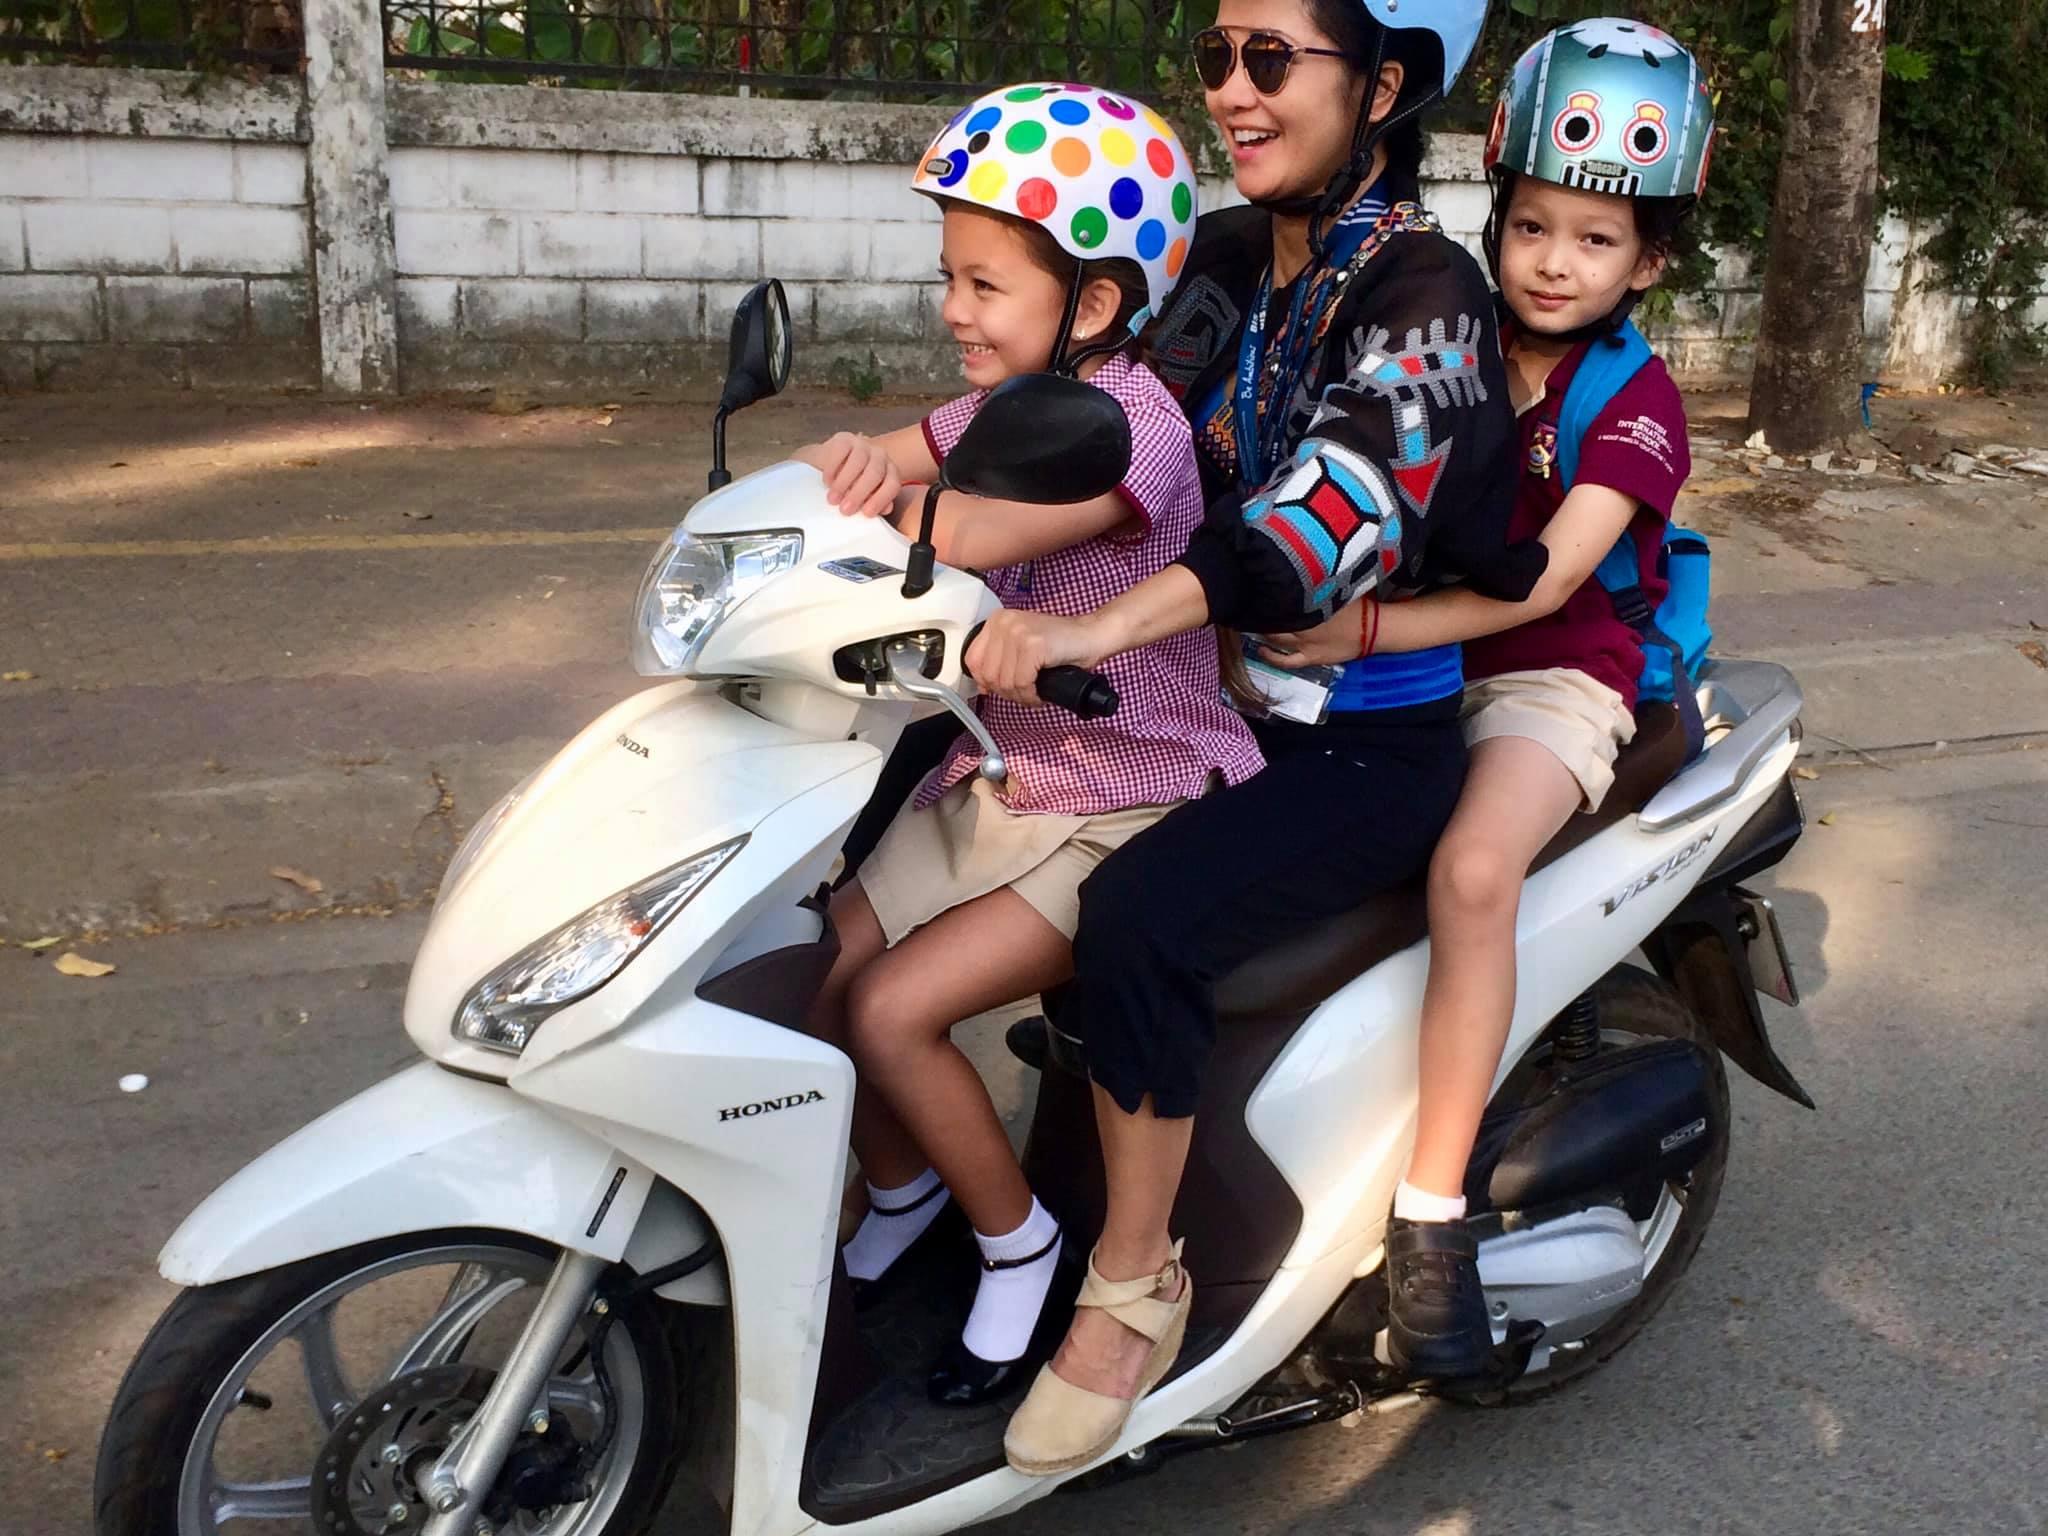 Cuộc sống của mẹ con ca sĩ Hồng Nhung sau khi chồng cũ tái hôn - 3